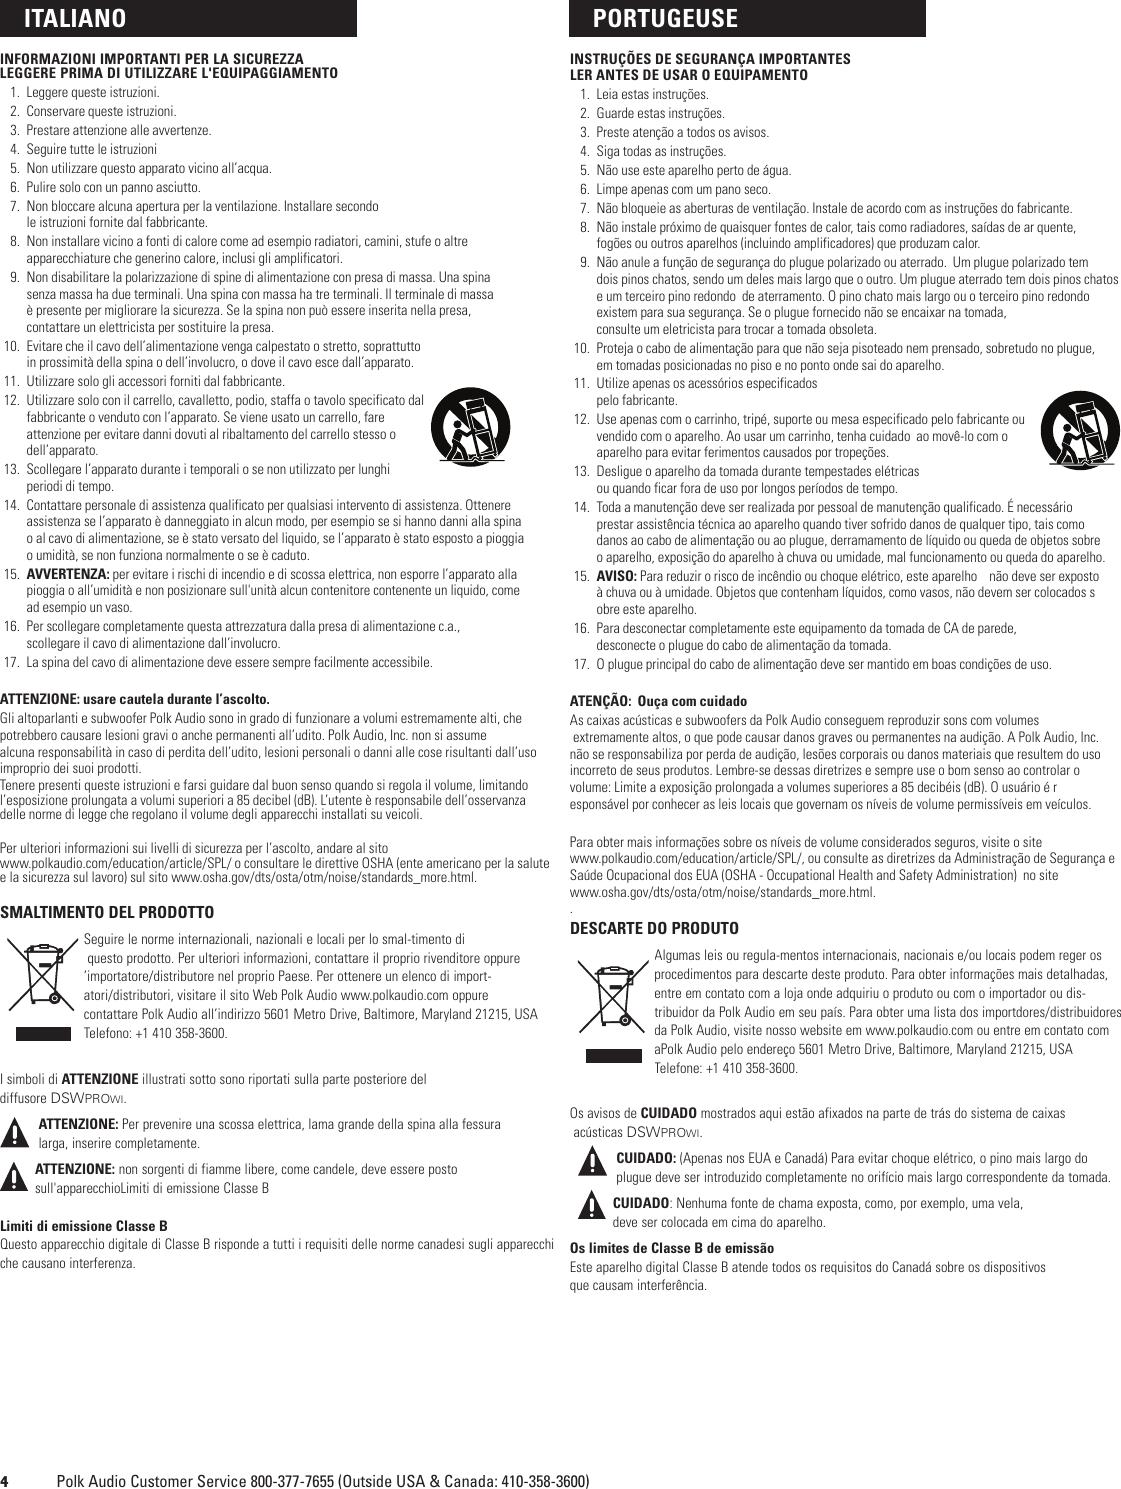 Polk Audio Dsw Pro 440Wi Users Manual